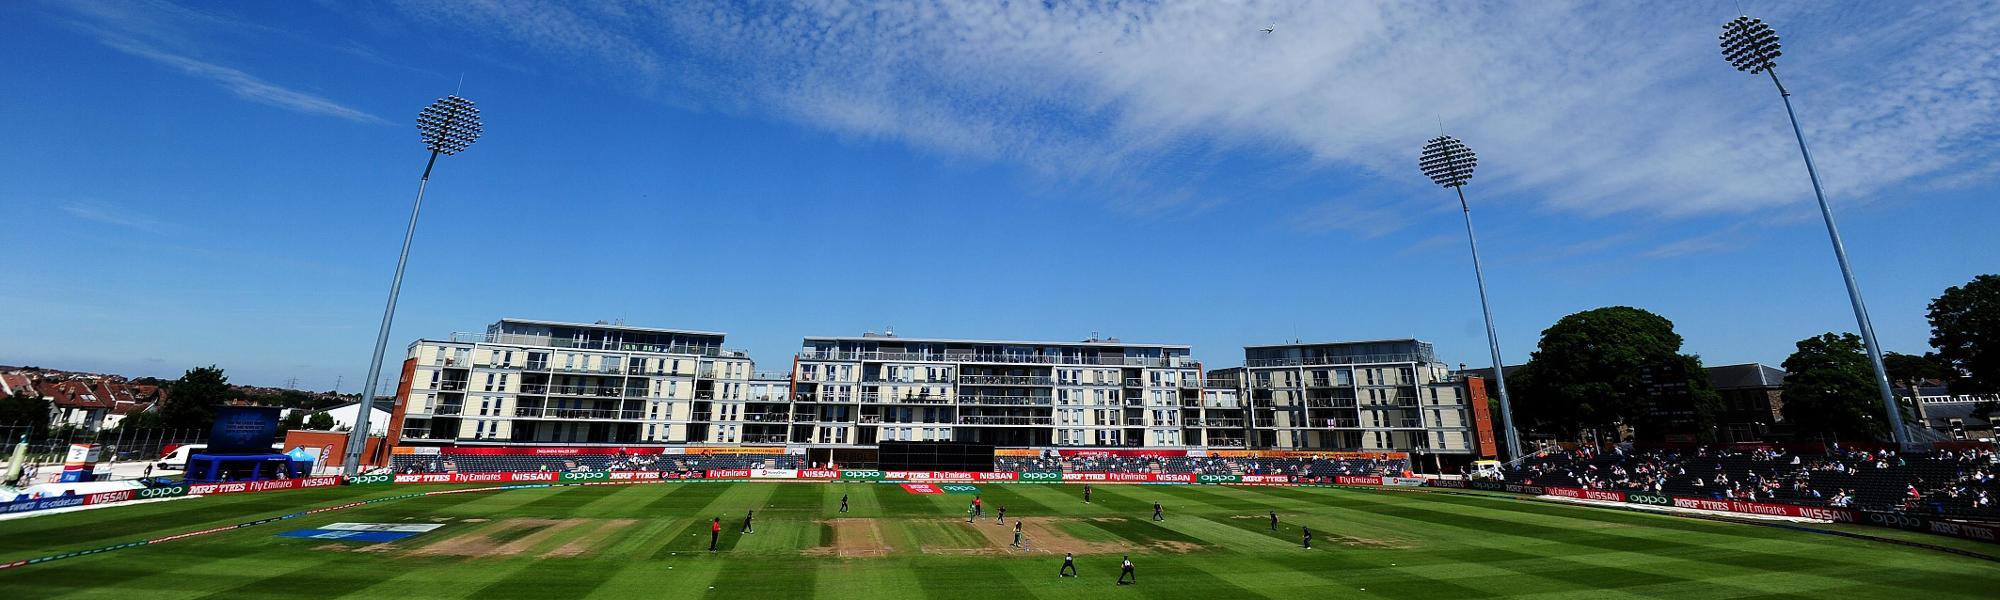 Bristol County Ground.jpg